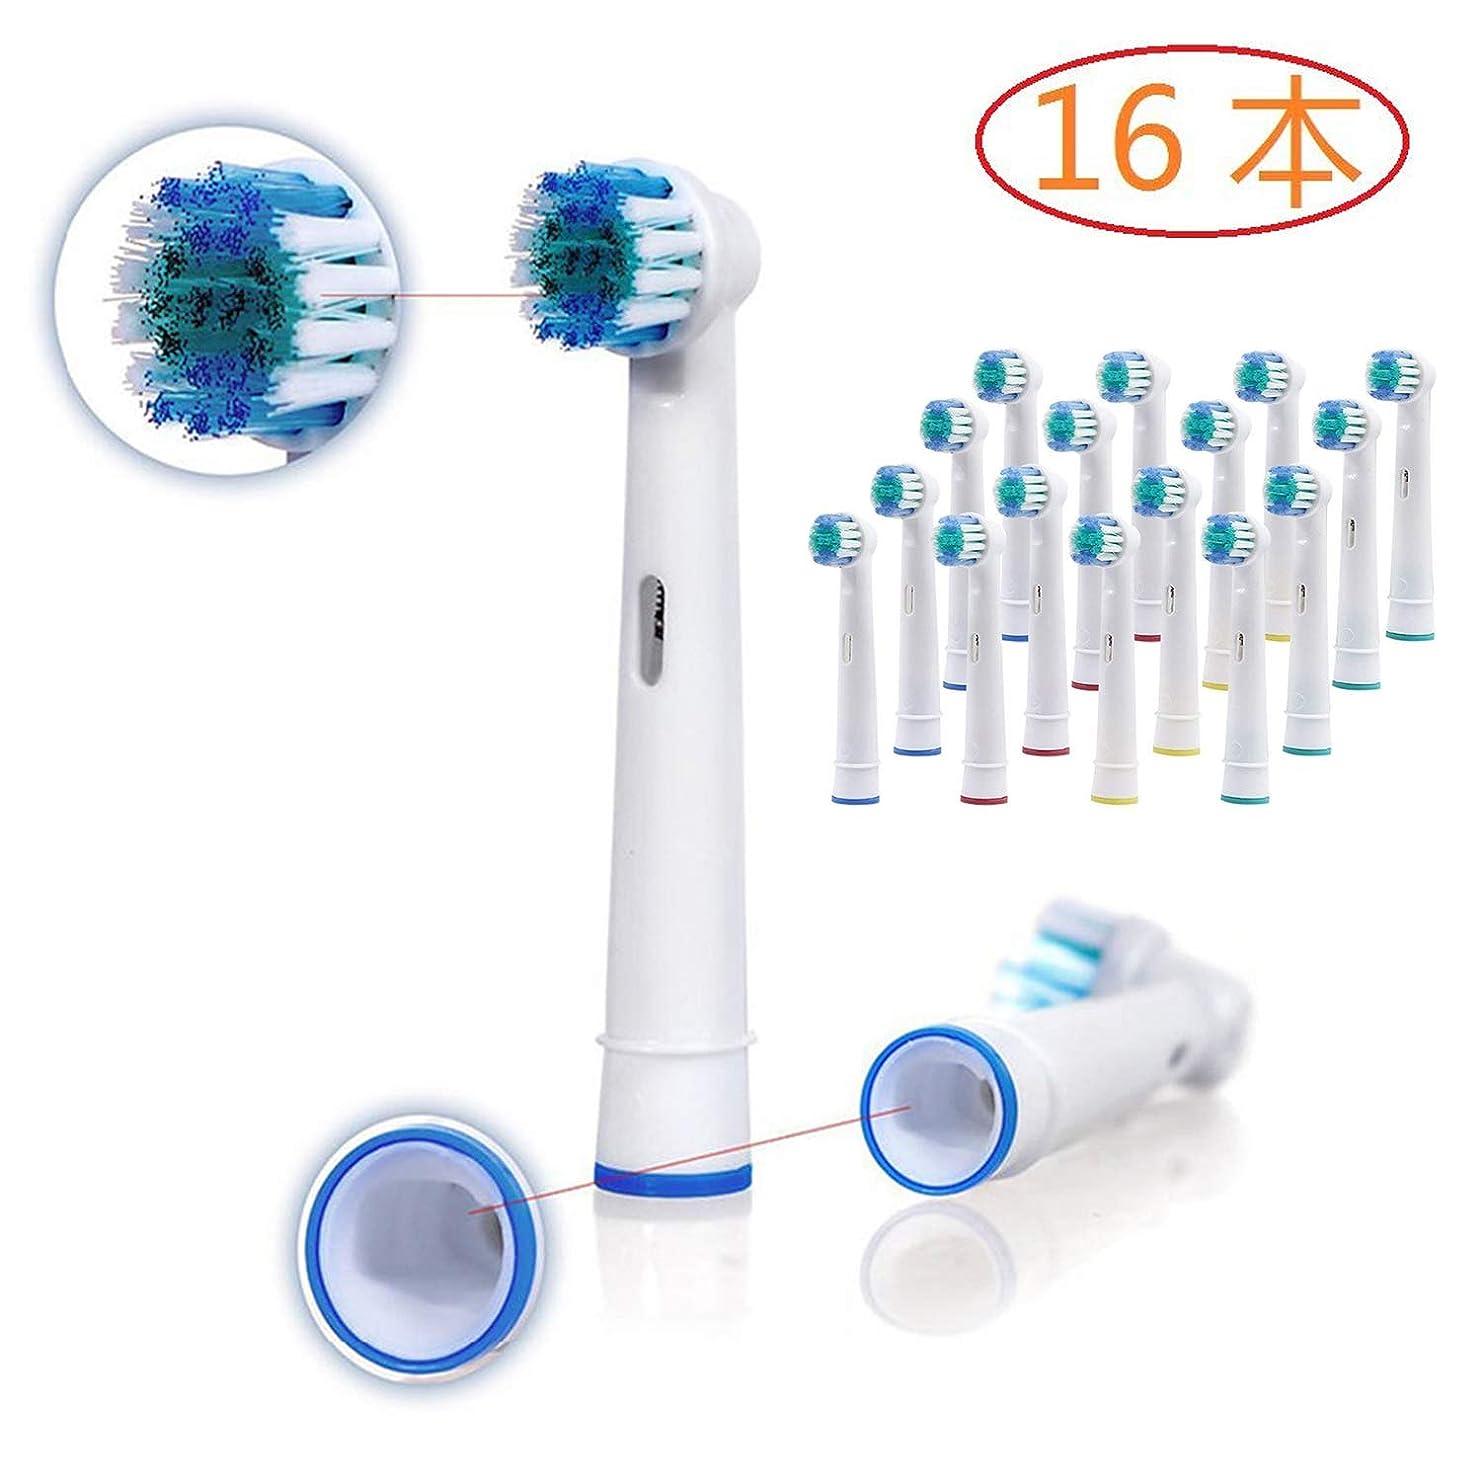 バインド行方不明州電動歯ブラシ 替えブラシブラウン オーラルB 対応 替えブラシ 16本 (白)